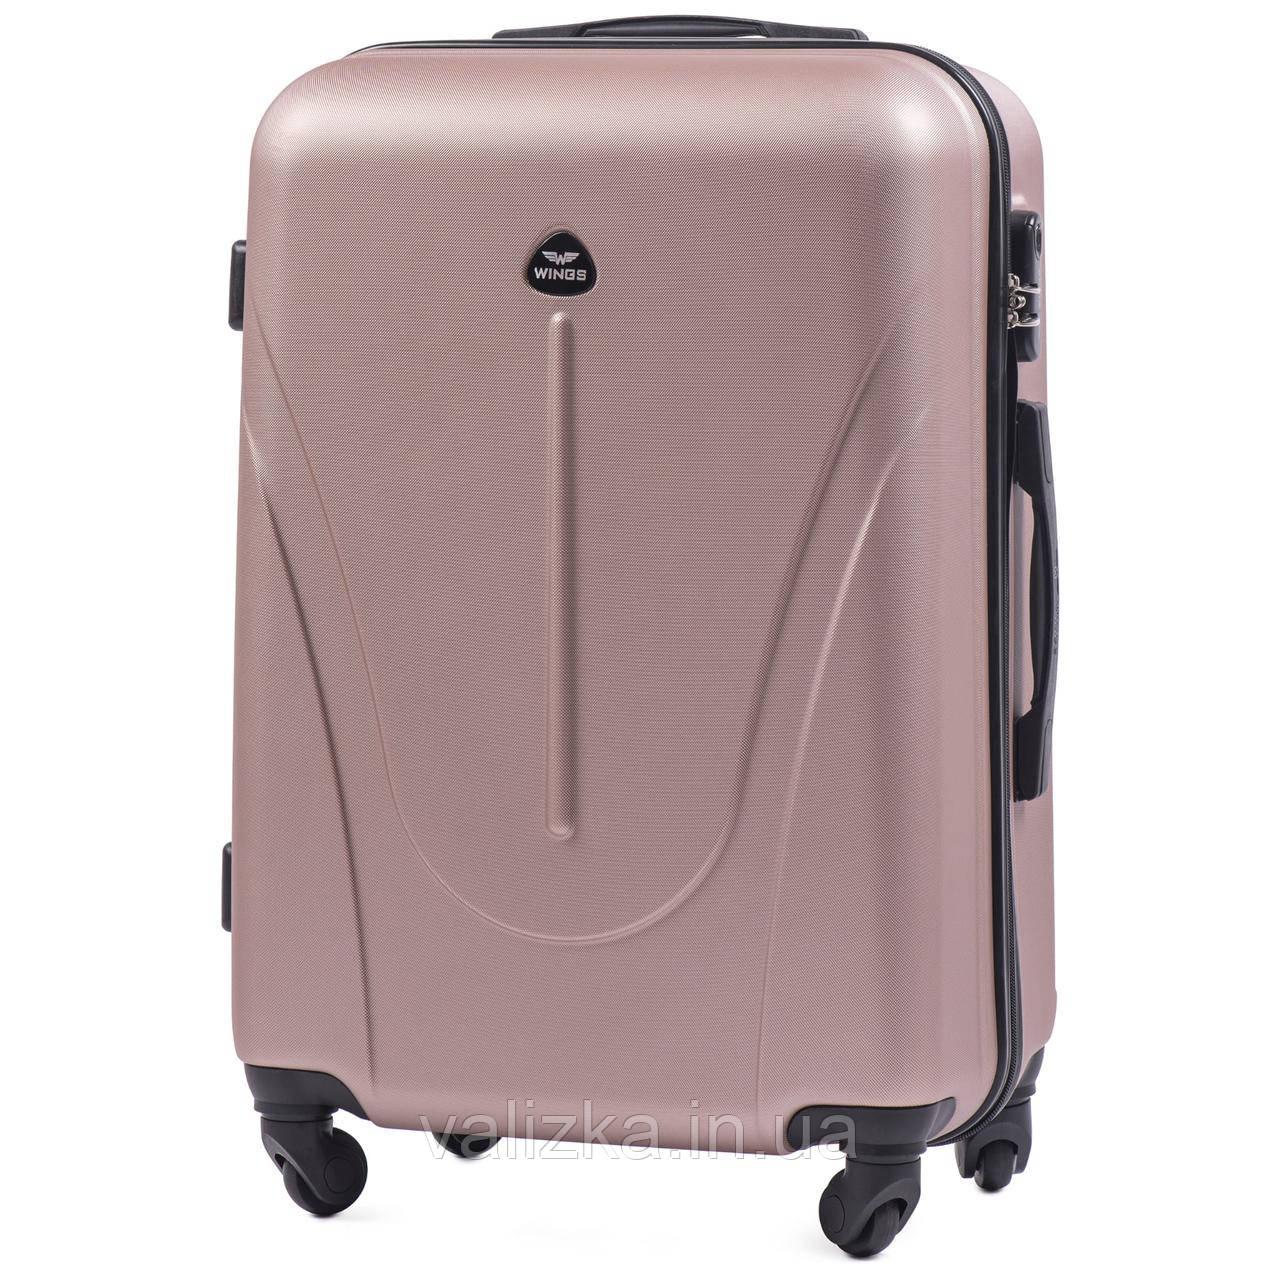 Средний пластиковый чемодан  Wings на 4-х колесах розовое золото